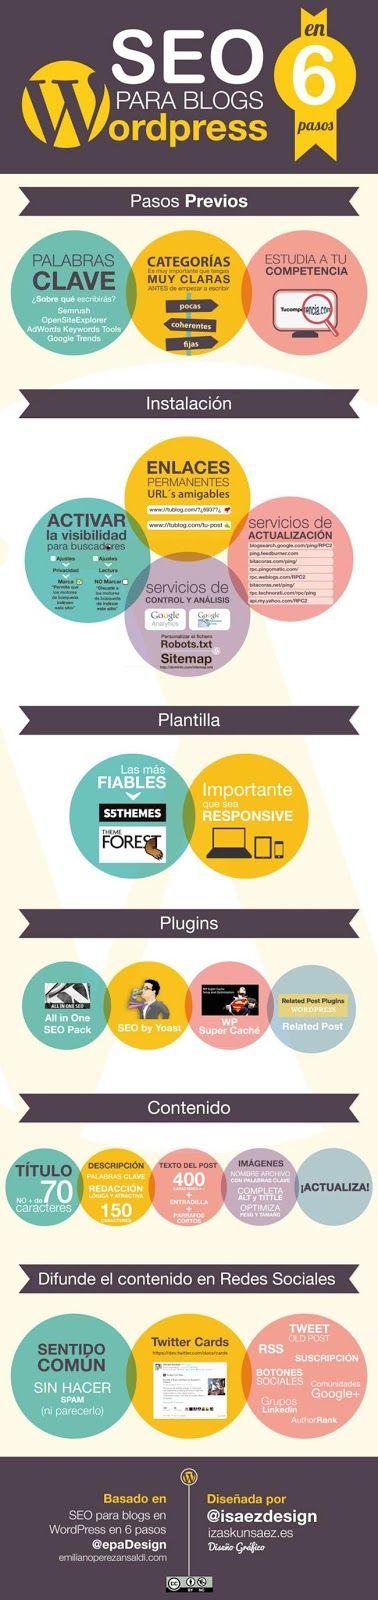 El ABC del SEO para Wordpress en una completa Infografía en Español   Las mejores infografías de toda la web en Infografiando.com